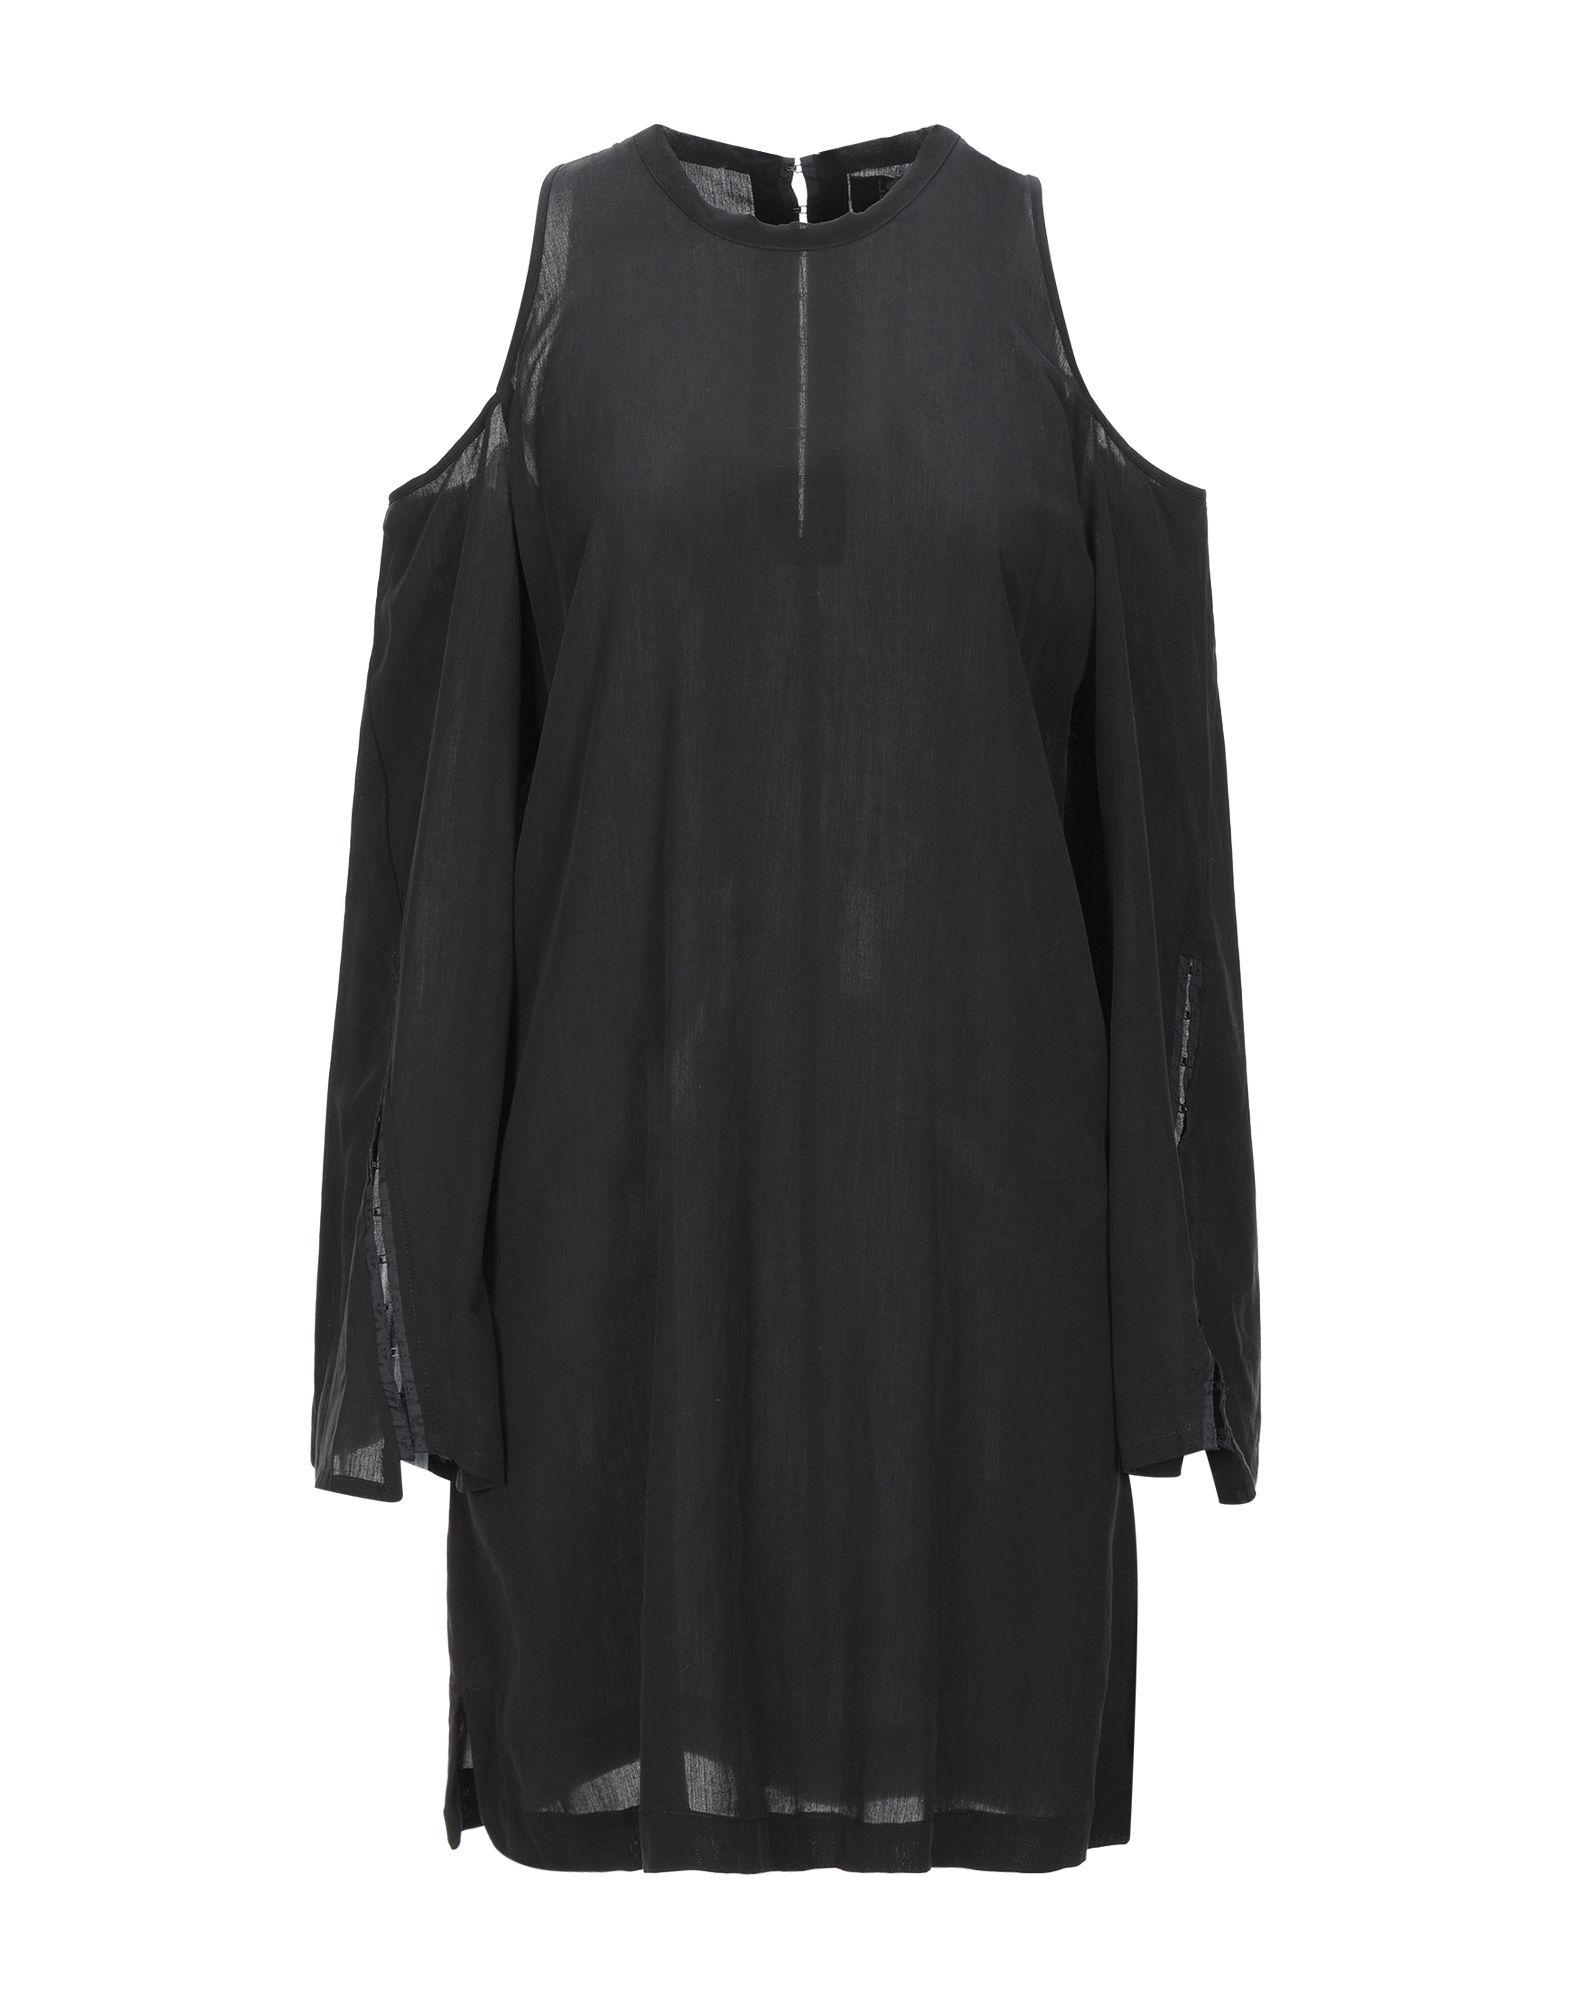 LOST & FOUND Короткое платье found in brooklyn